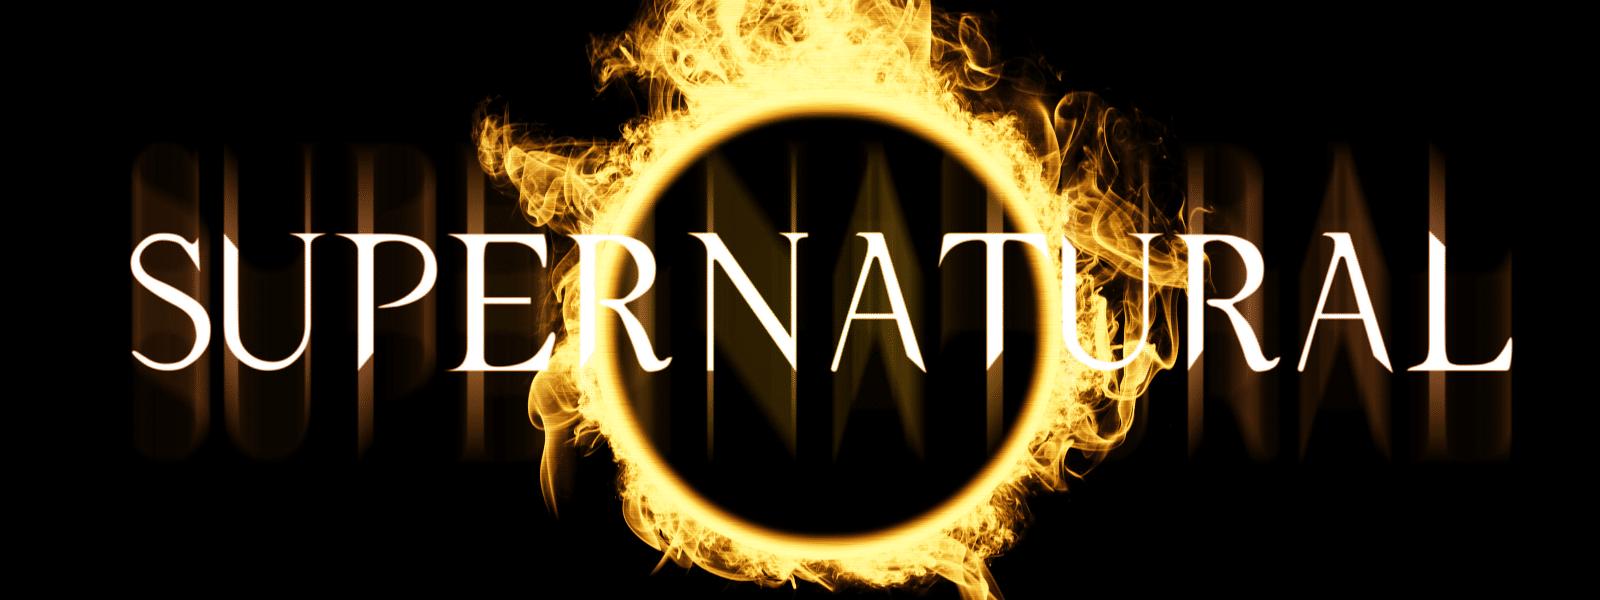 Supernatural title poster